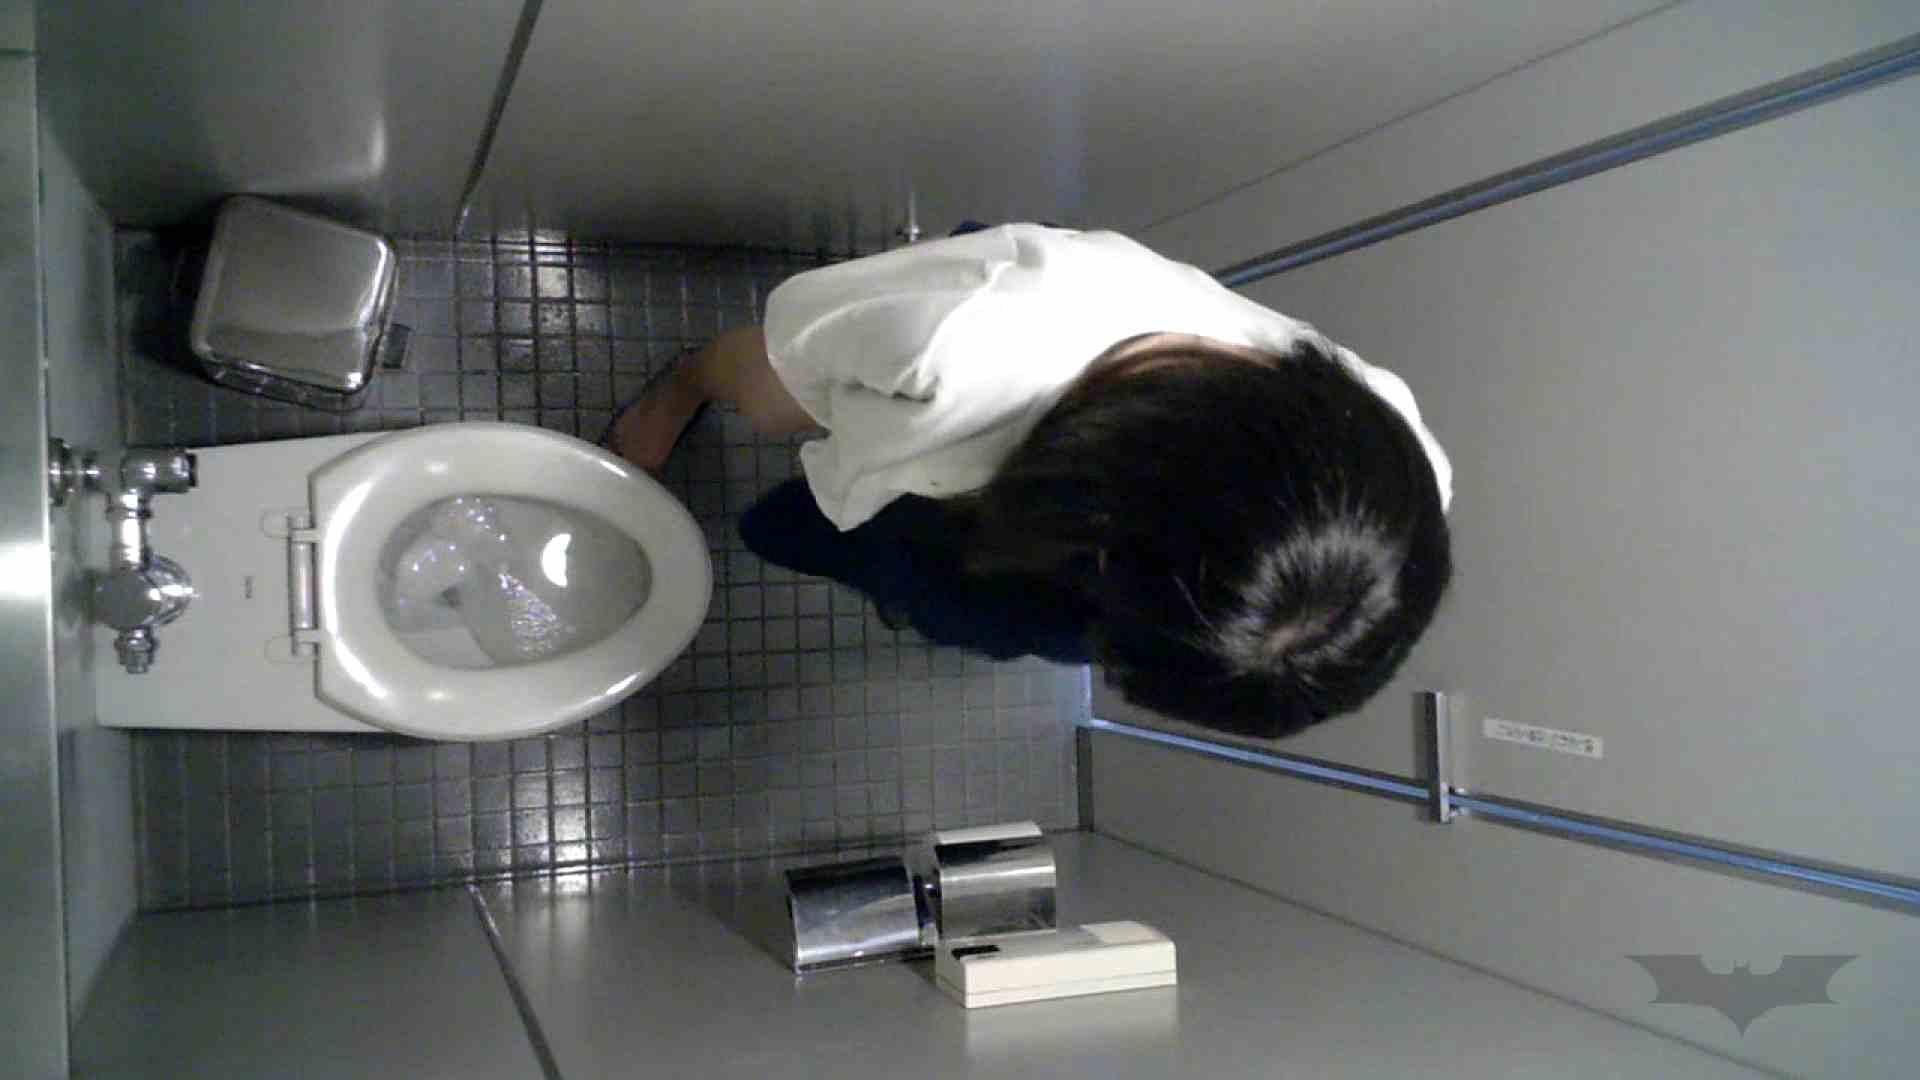 有名大学女性洗面所 vol.36 すっごい「ほじって」ます。 潜入 AV無料動画キャプチャ 78枚 21